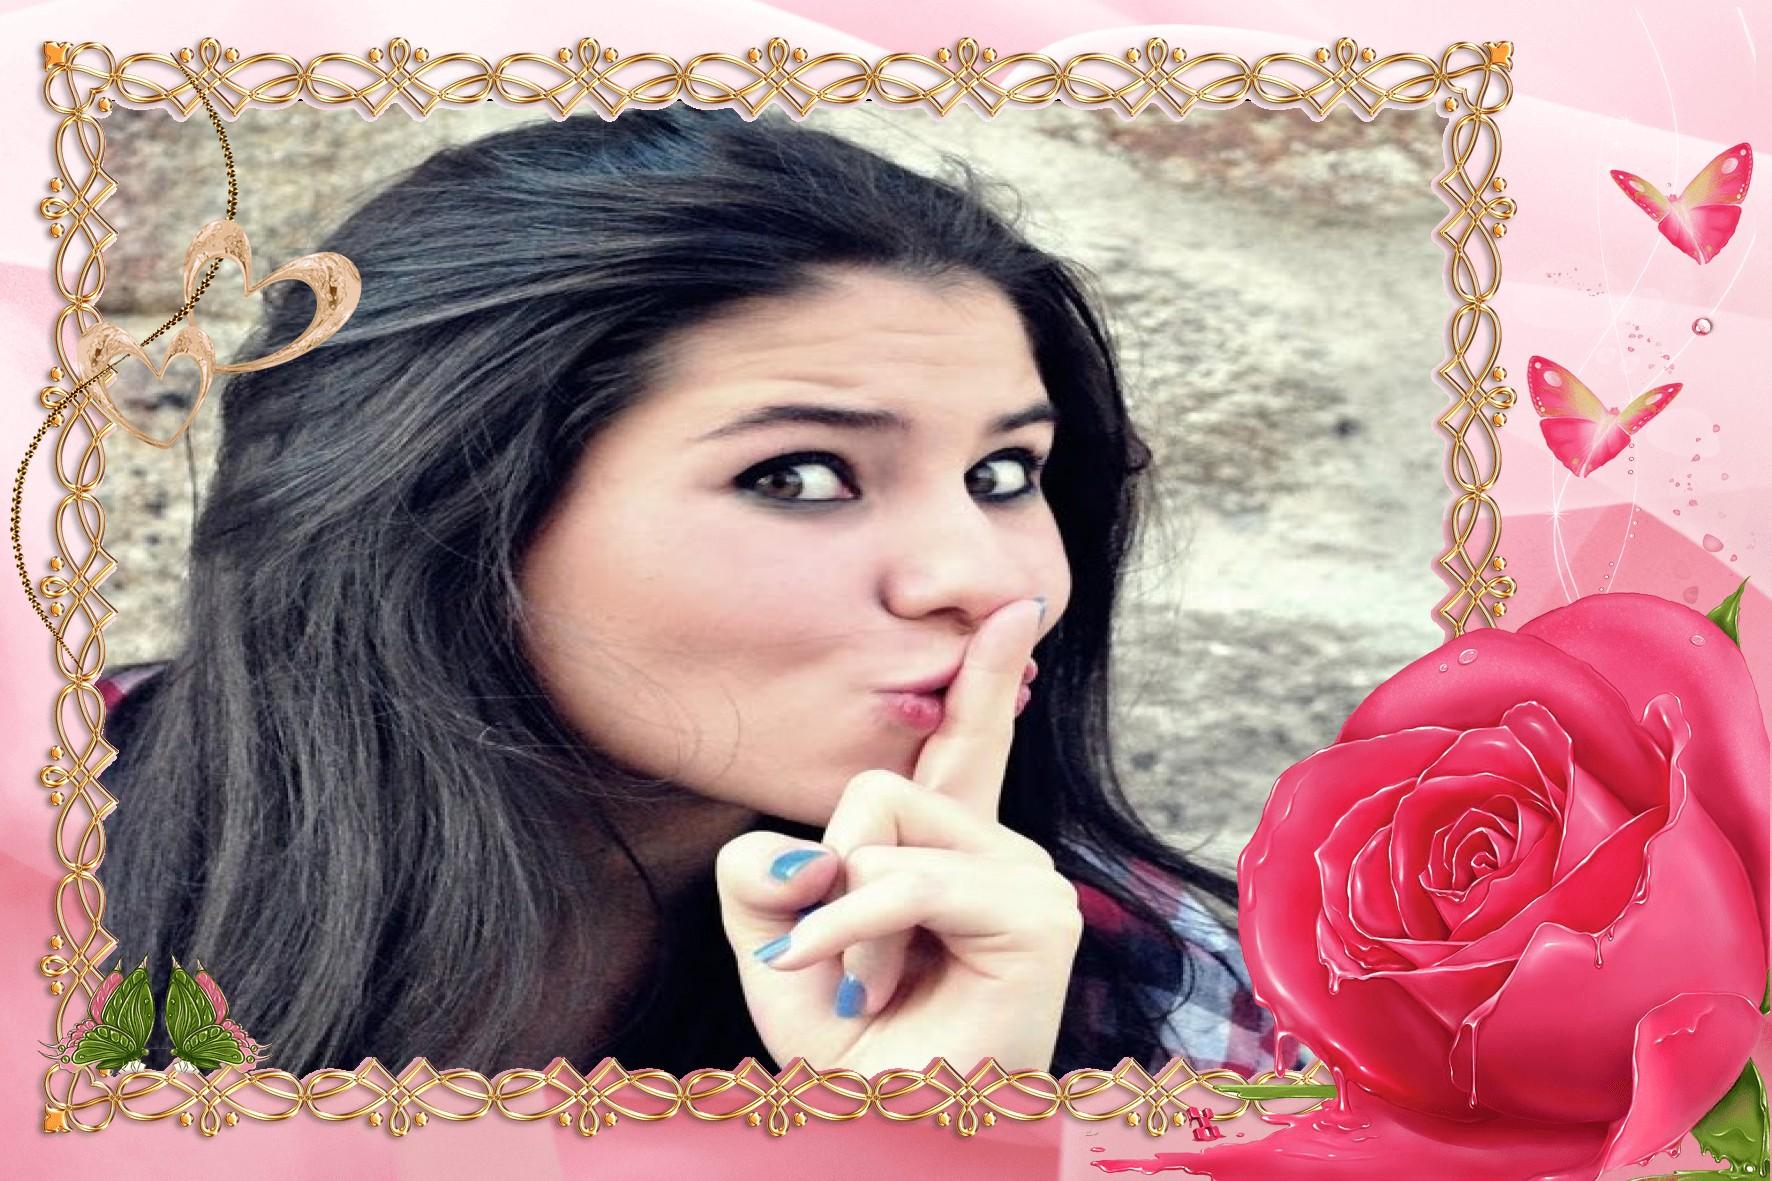 montar-foto-online-com-rosa-cor-de-rosa